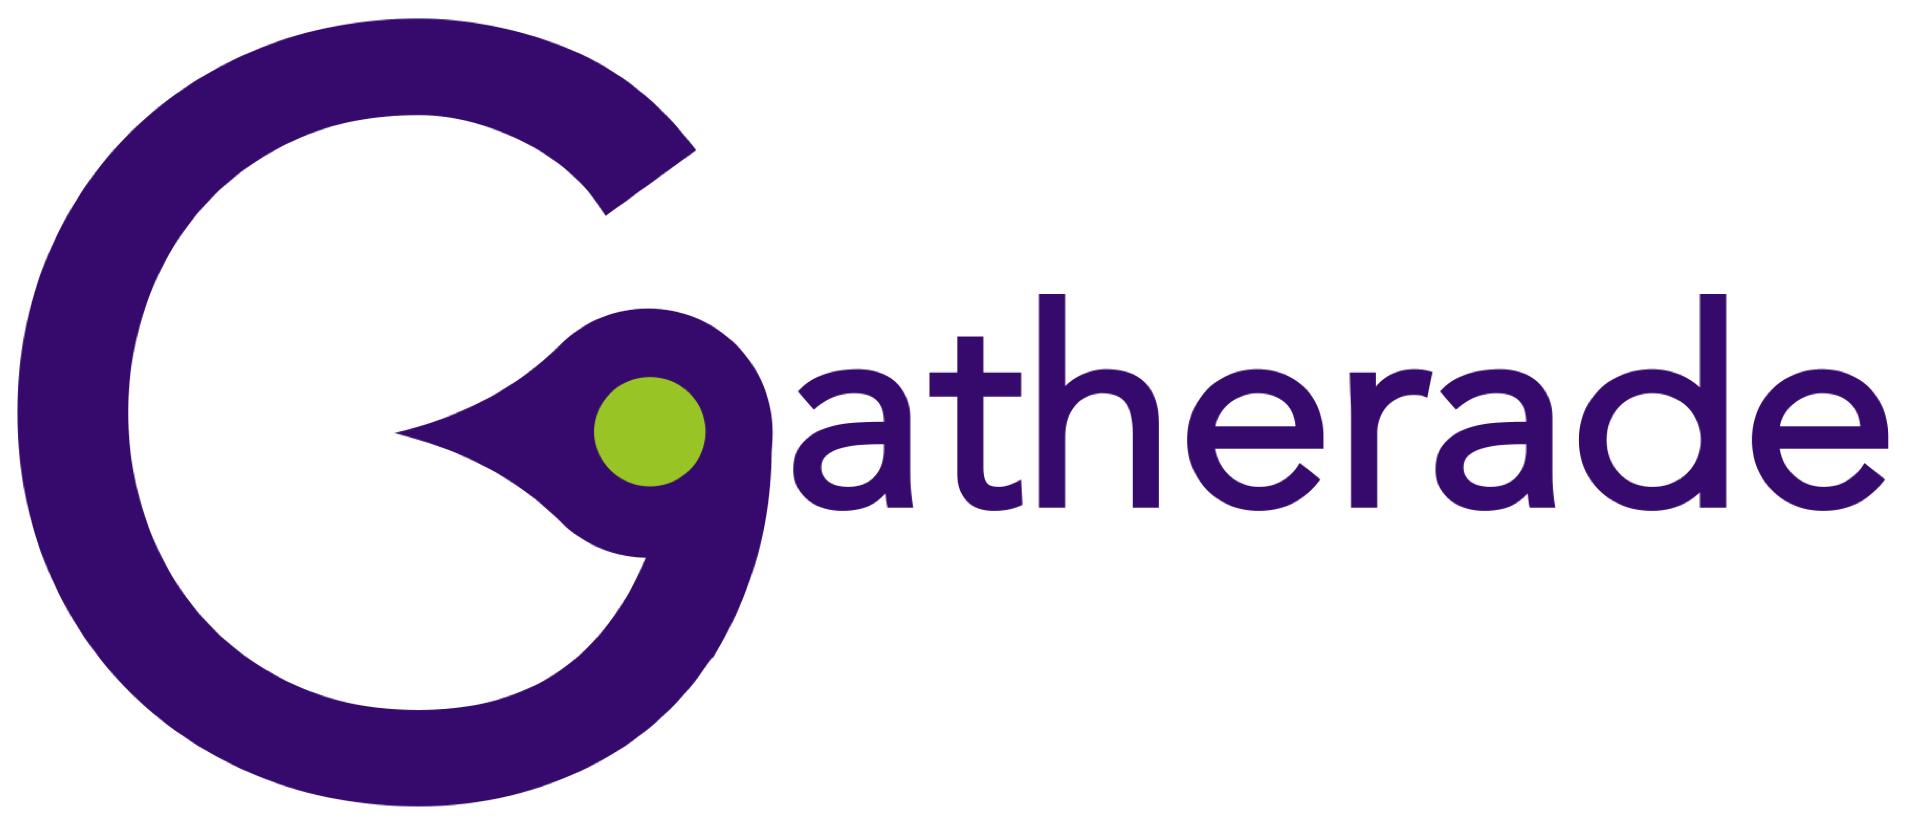 Gatherade Logo.png